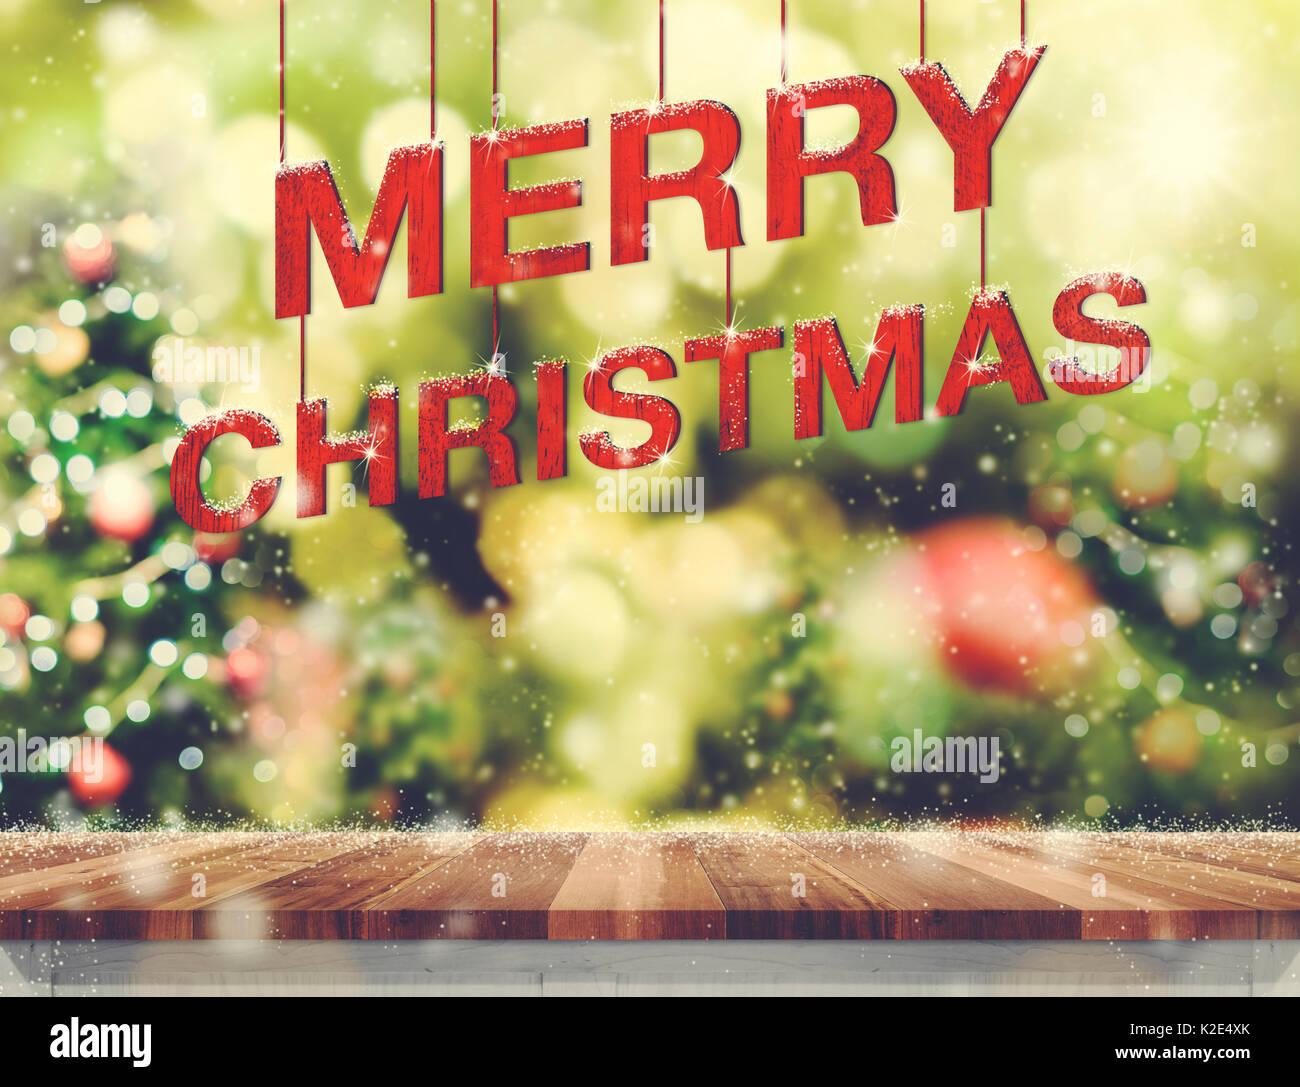 Frohe Weihnachten rot Holz Wort über Holz Tischplatte hängend mit ...